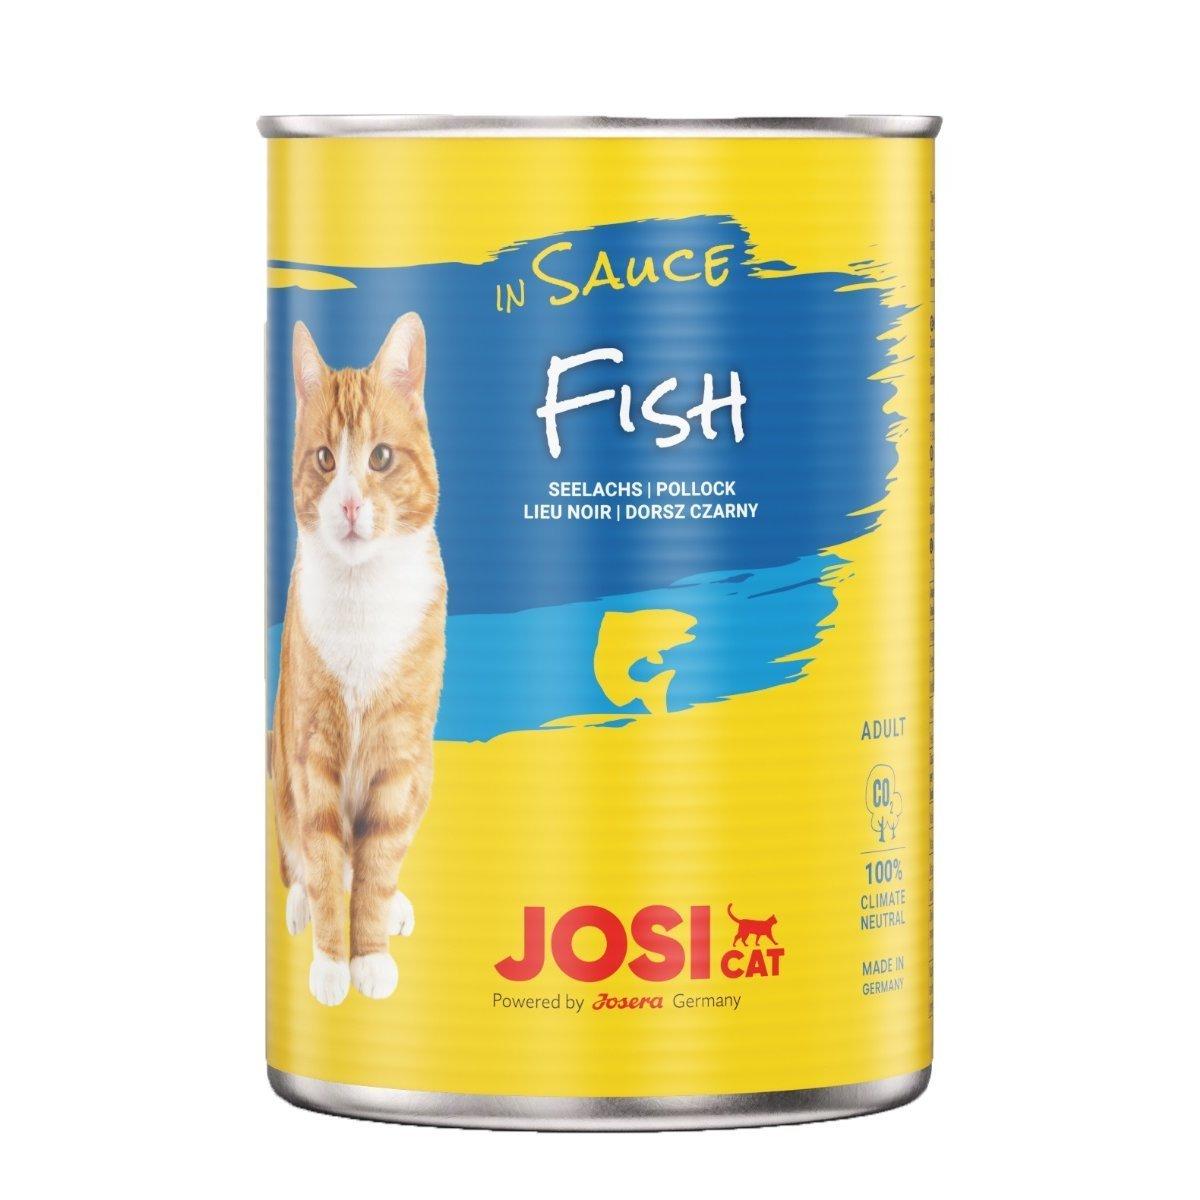 Josera Katzen Futter Josicat in Sauce, 12 x 415 g, Fisch